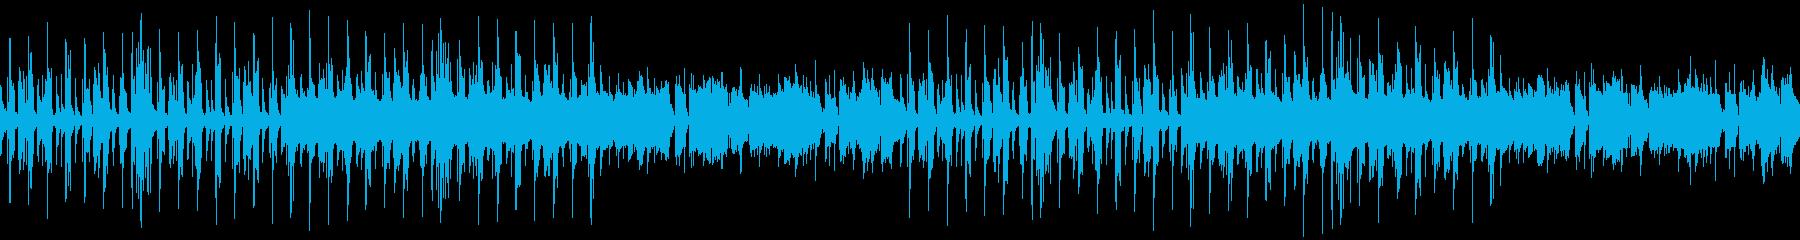 ポップなループジングルの再生済みの波形